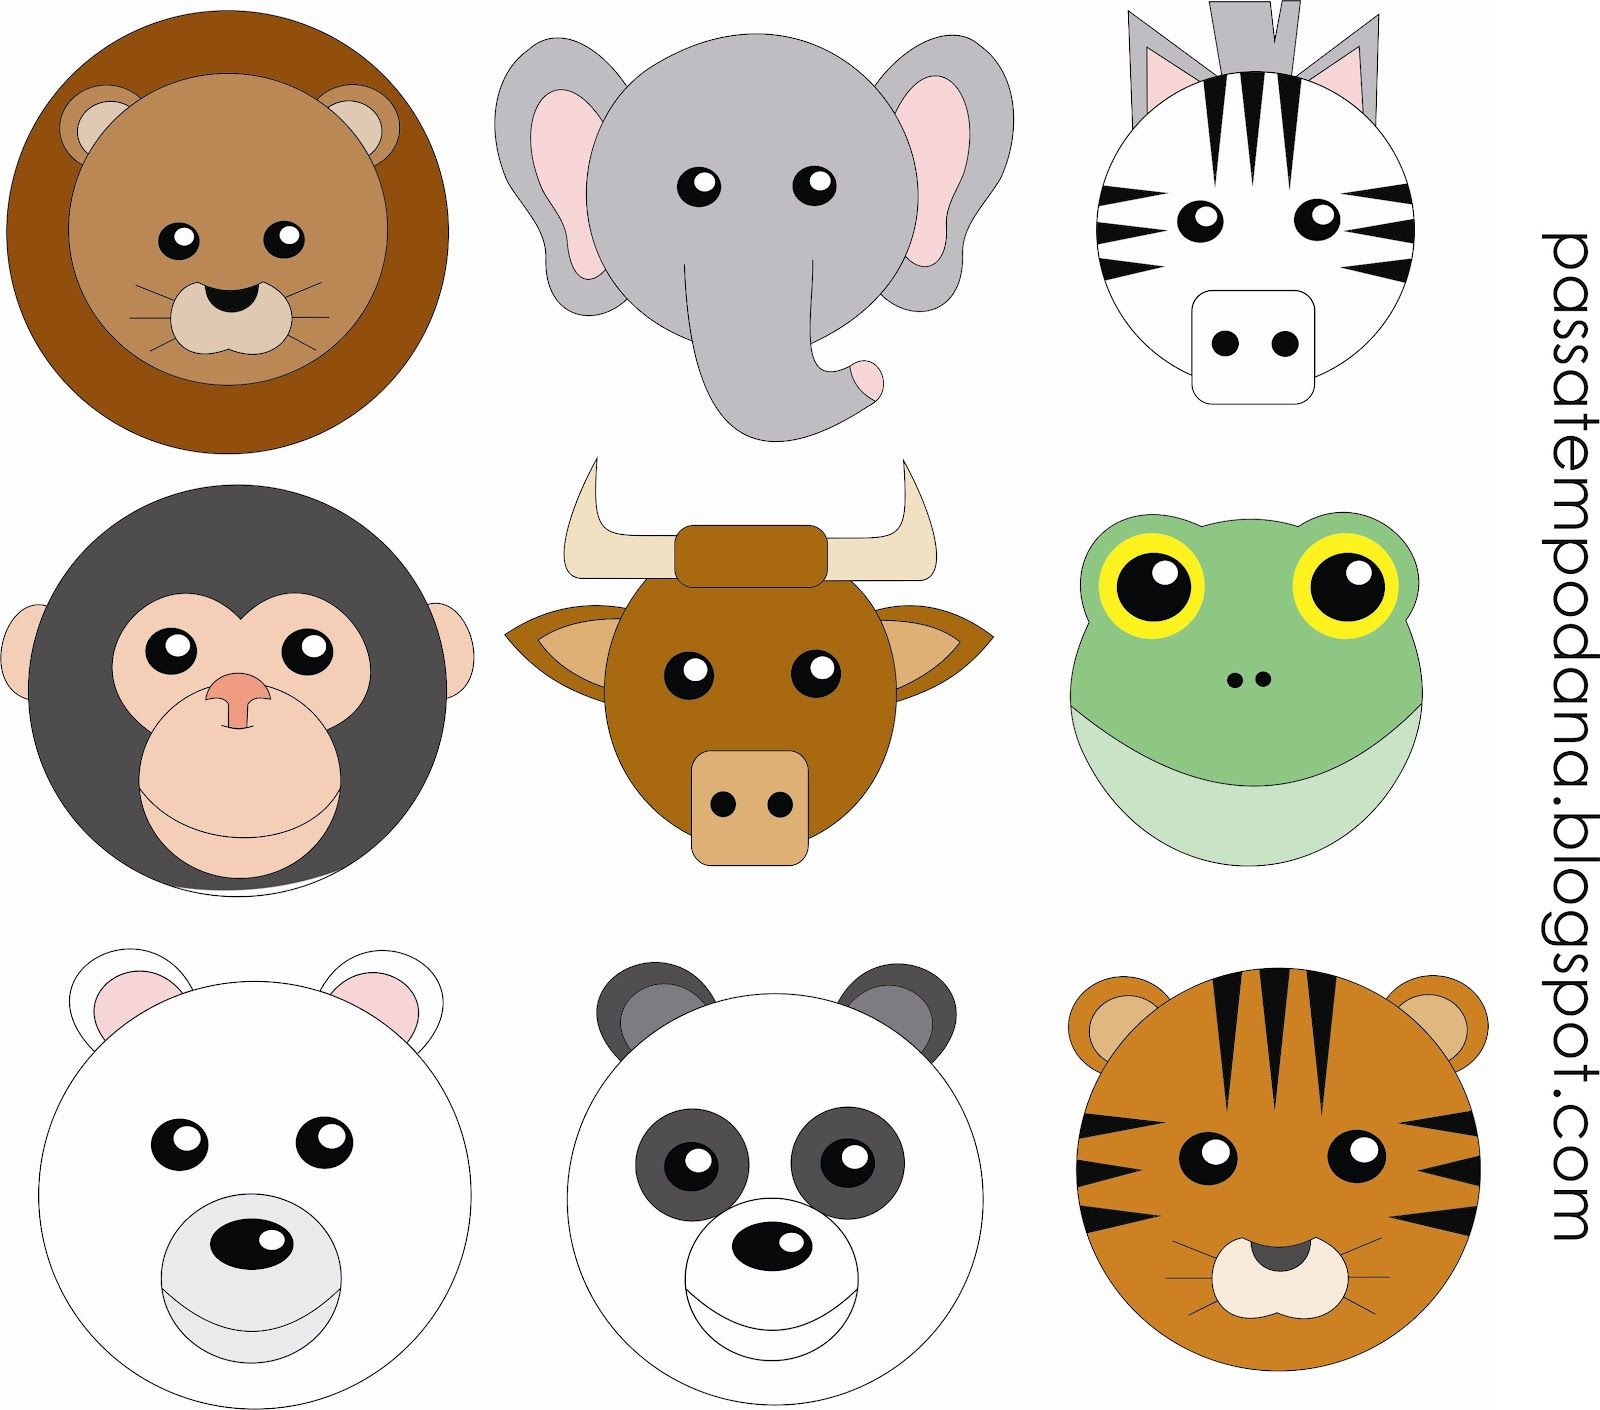 Мордочки животных картинки для детей, надписью